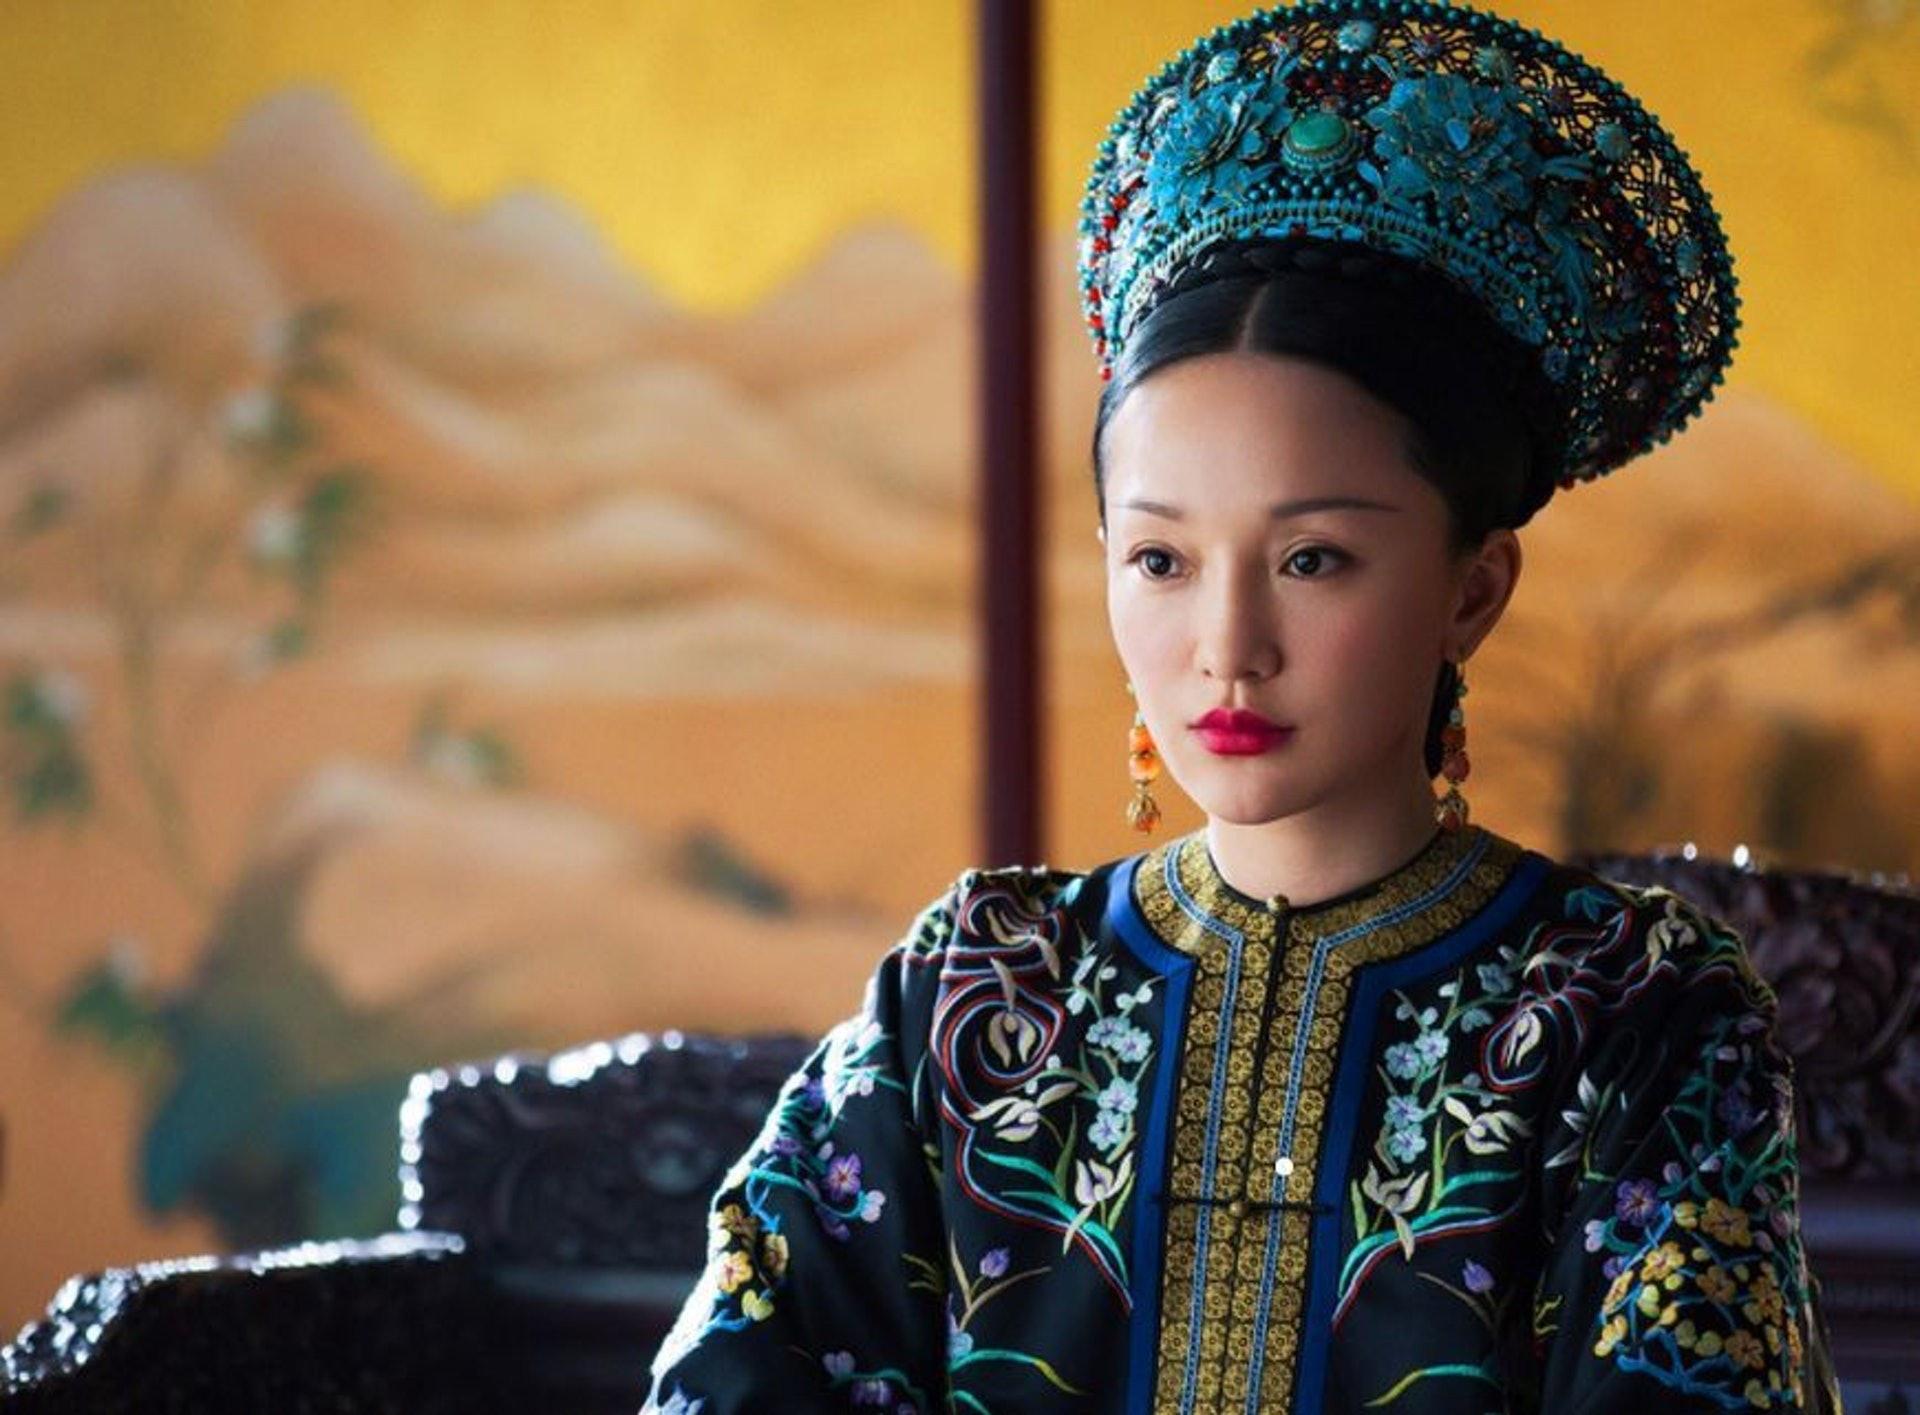 《如懿傳》故事背景建基於乾隆繼皇后烏拉那拉氏斷髮被廢的清宮懸案上。(網上影片截圖)